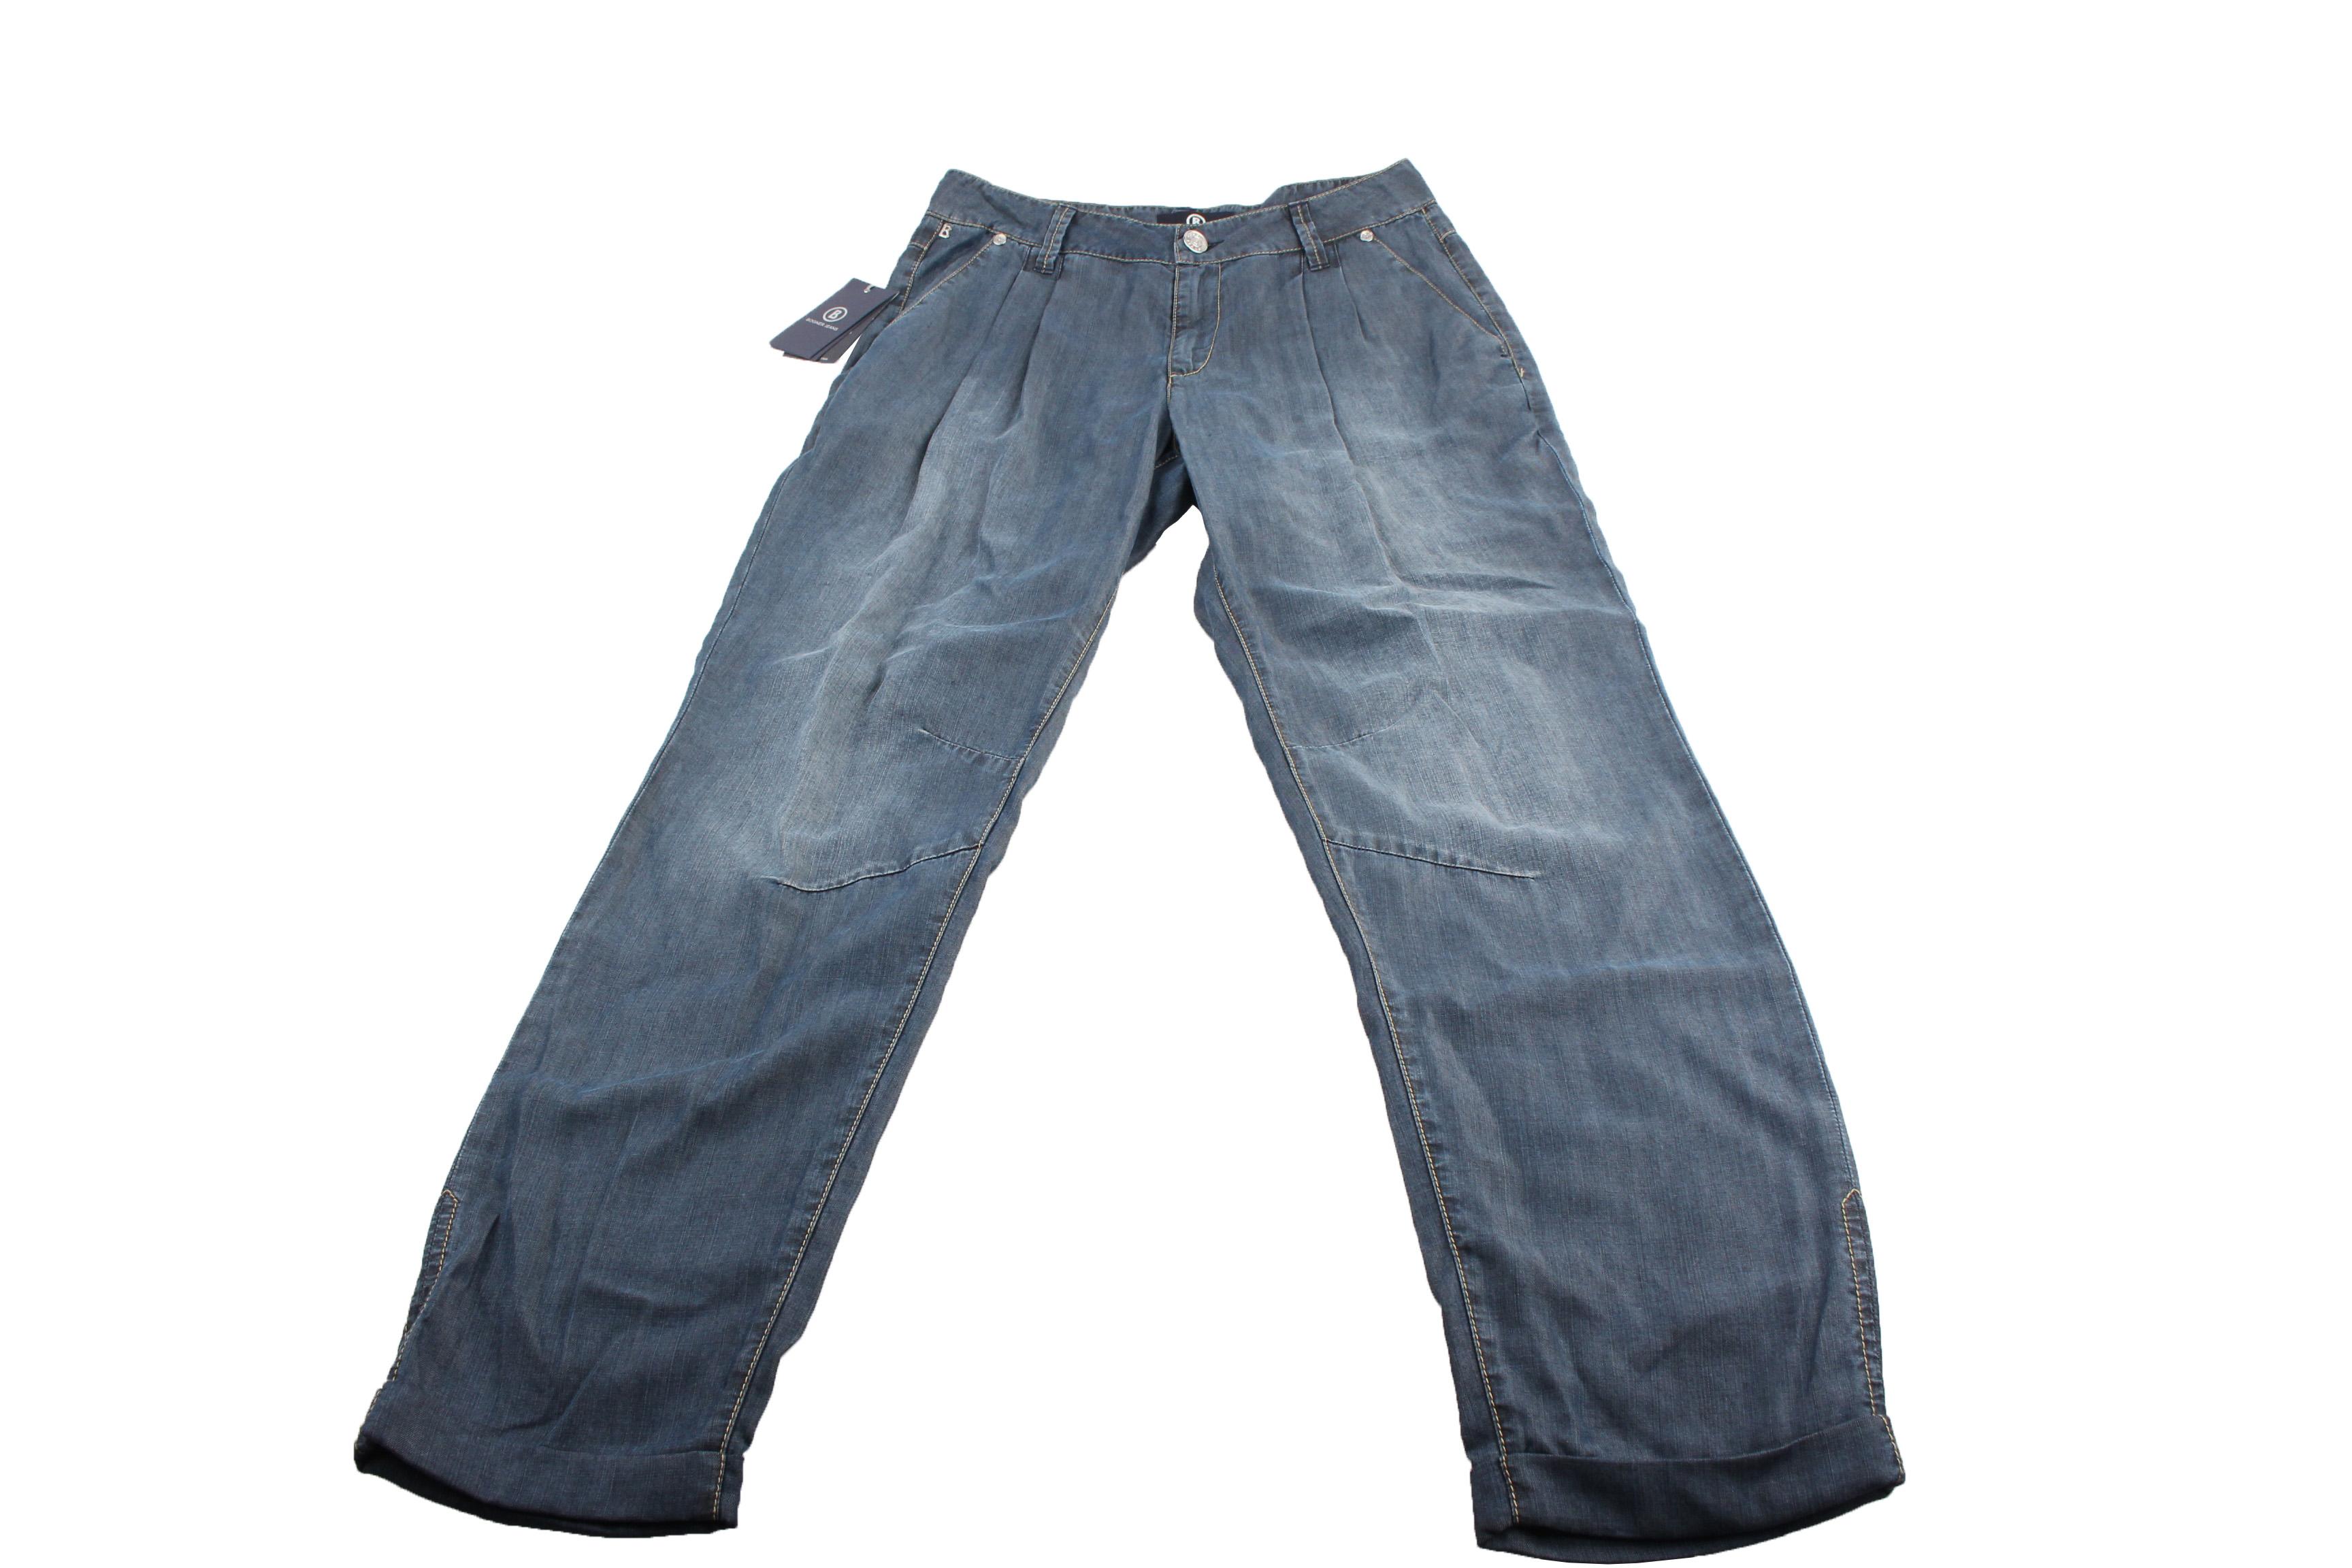 Bogner Jeans Damen Jeanshose Hose Gr. 38 grau Neu   eBay c5bcfe016b